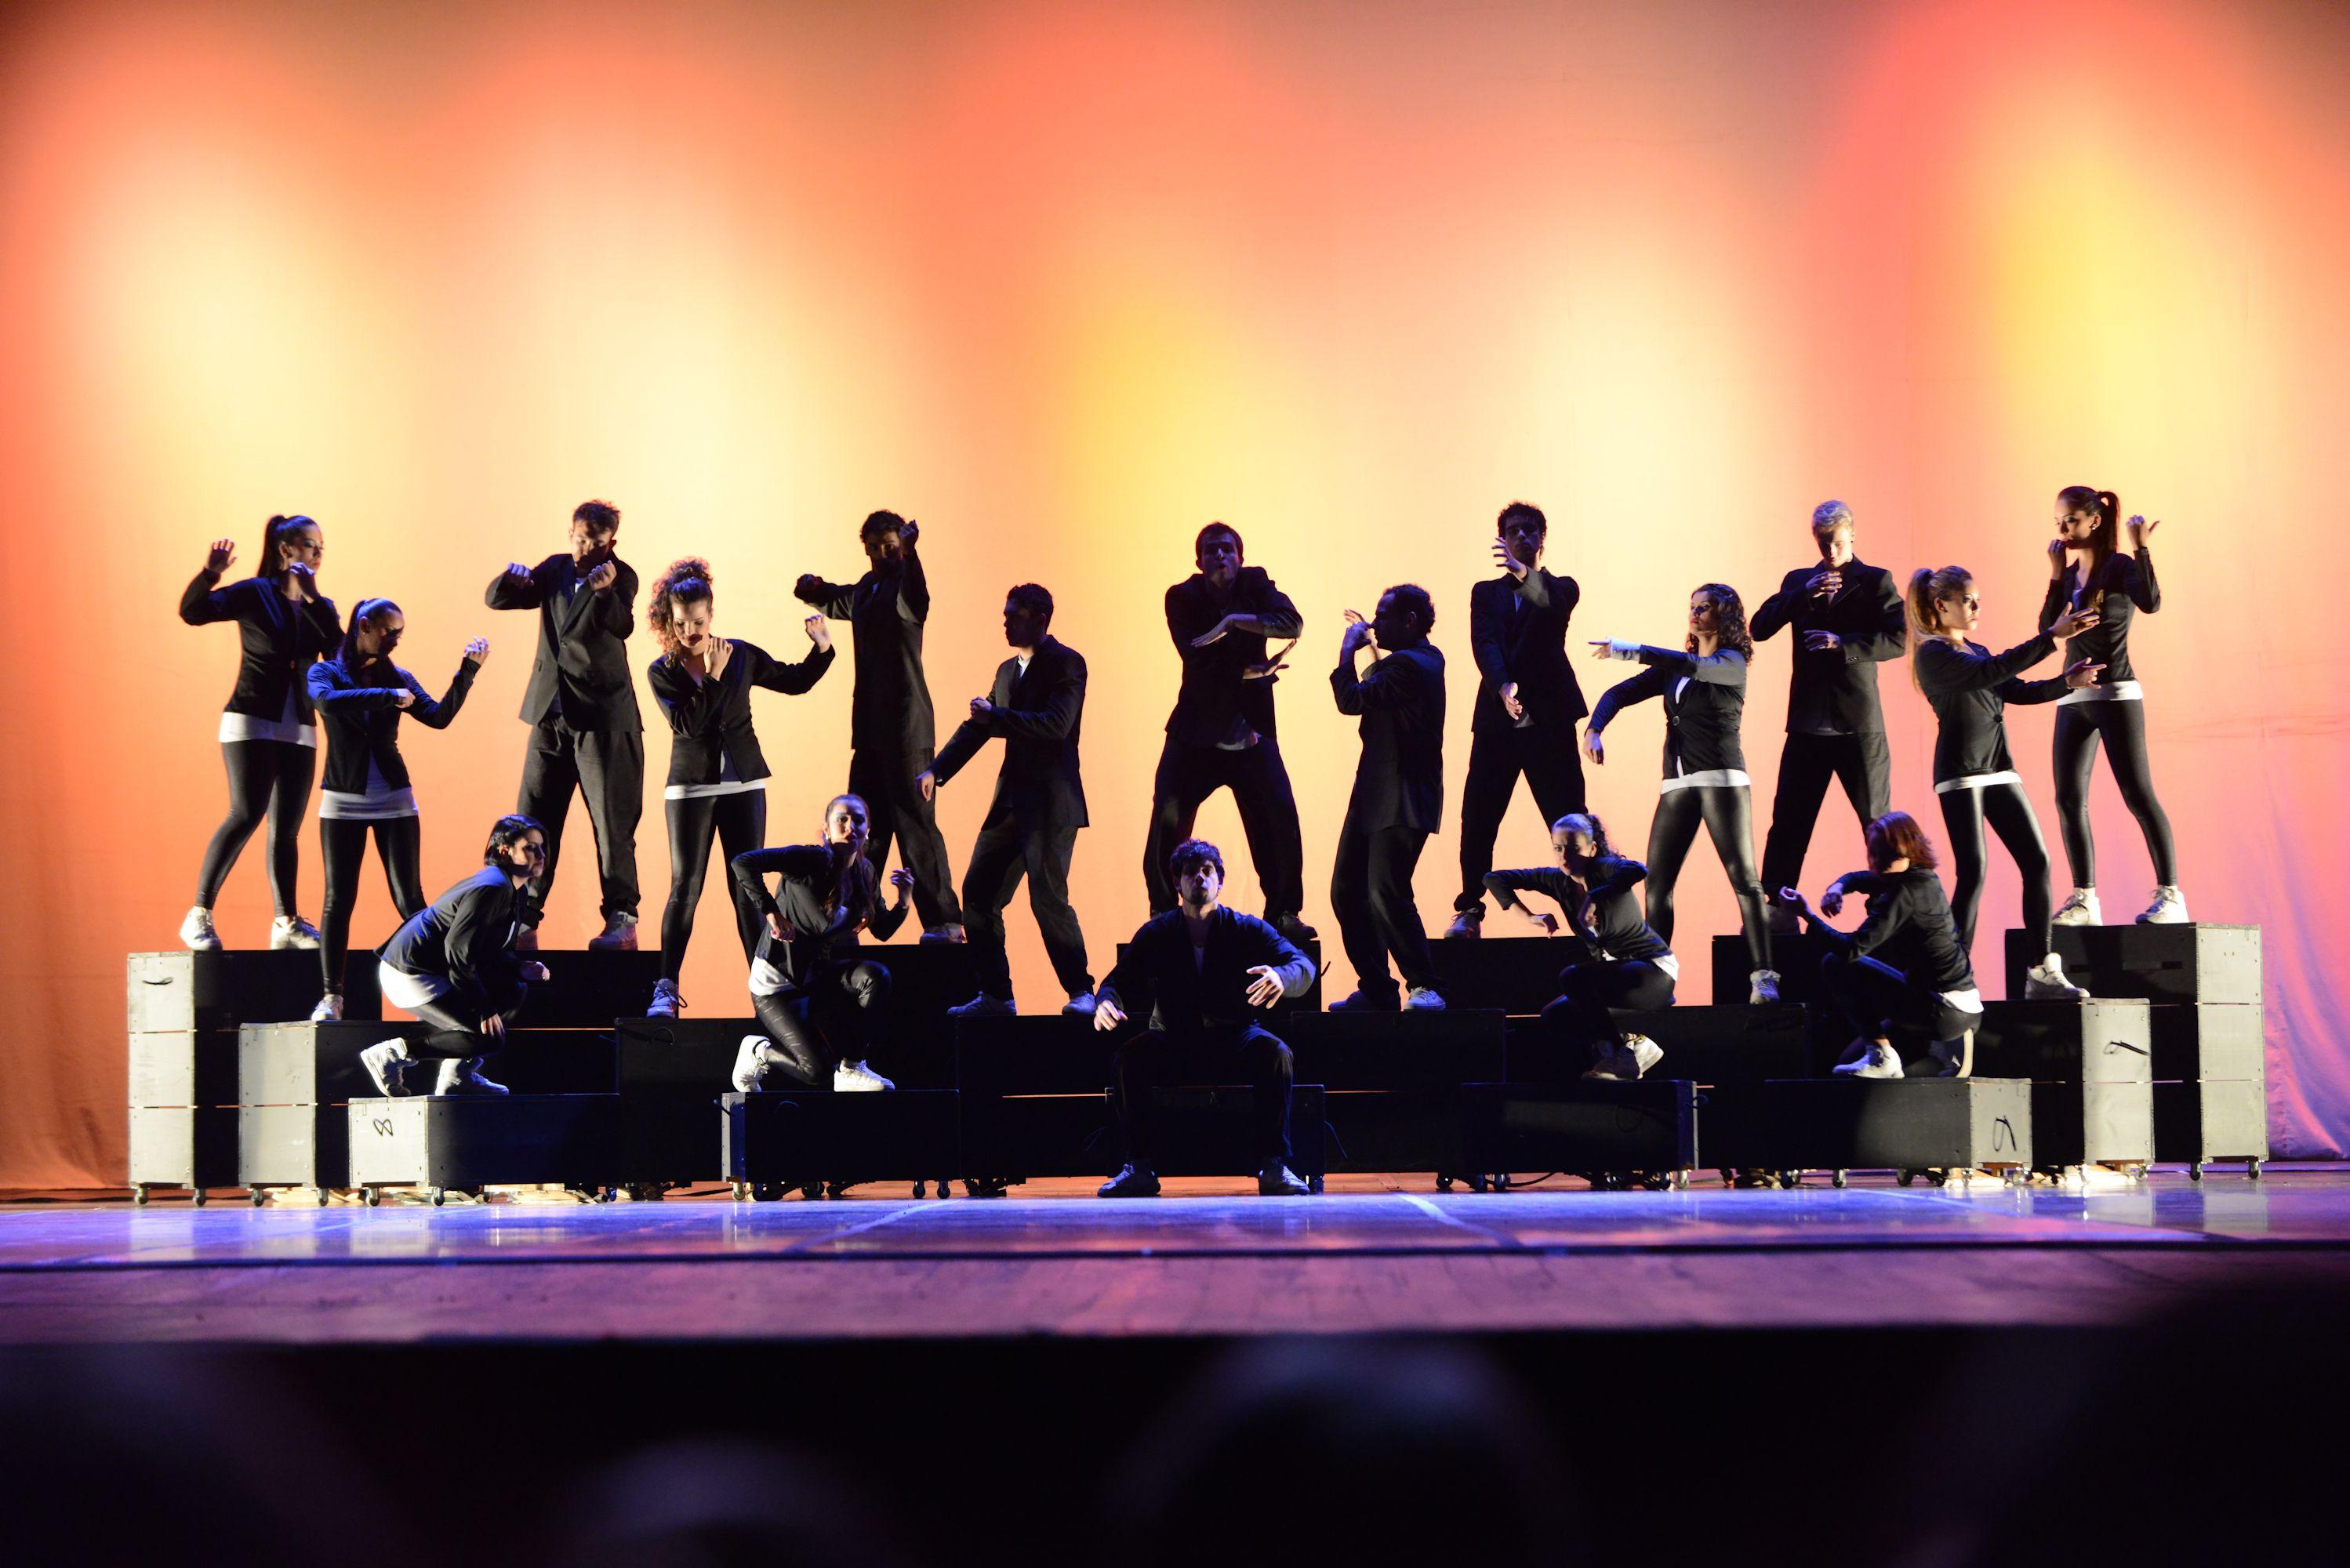 """3° Lugar - Danças Urbanas - Conjunto - Avançada. Lótus Cia de Dança (PR), com a coreografia """"Desconcerto"""". Crédito: Dashmesh Photos/Claudia Baartsch"""